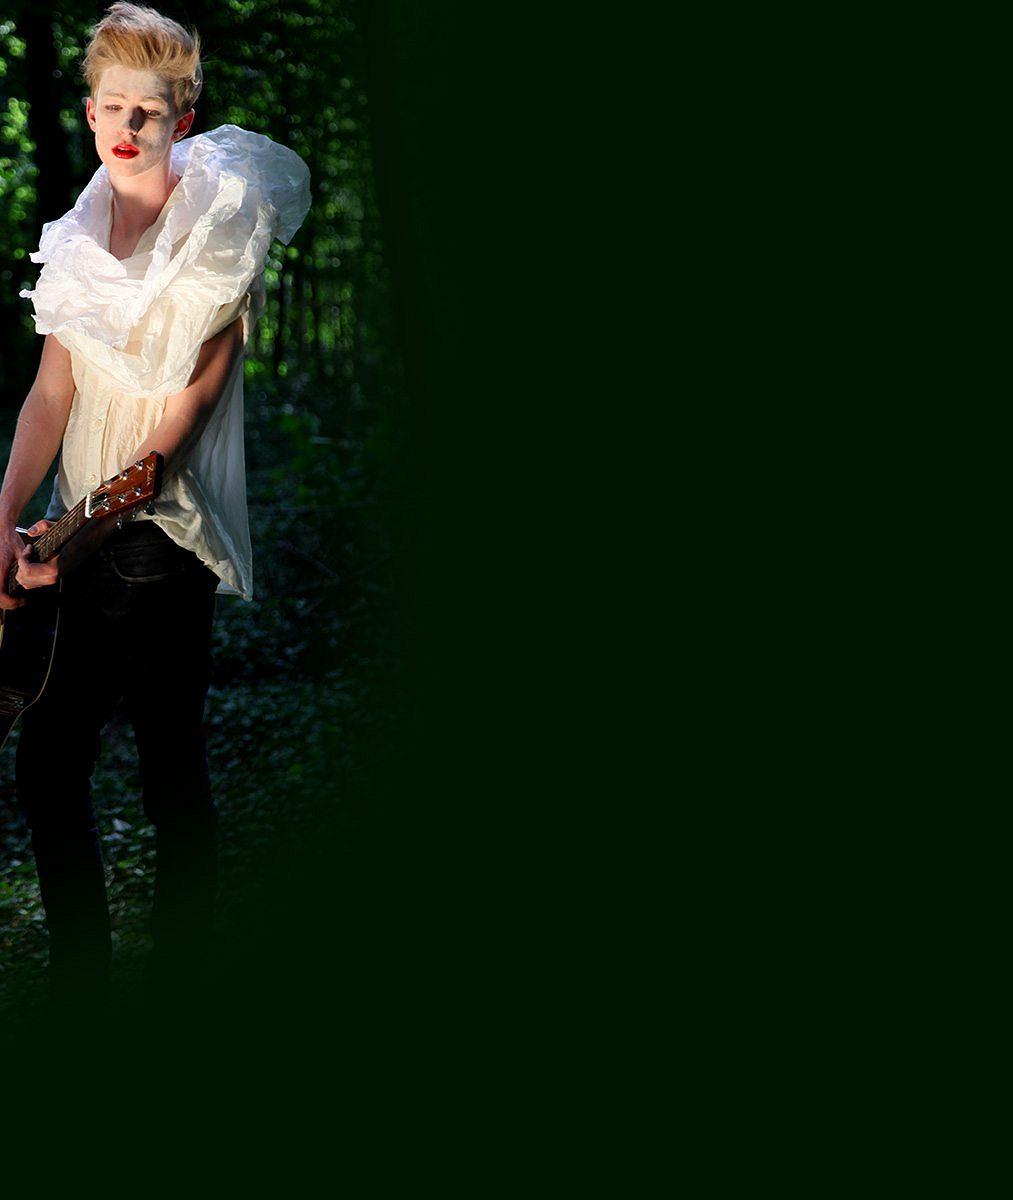 Český Justin Bieber k nepoznání. Idol teenagerů pózoval se rtěnkou v dámském oblečení obklopený brouky a žížalami